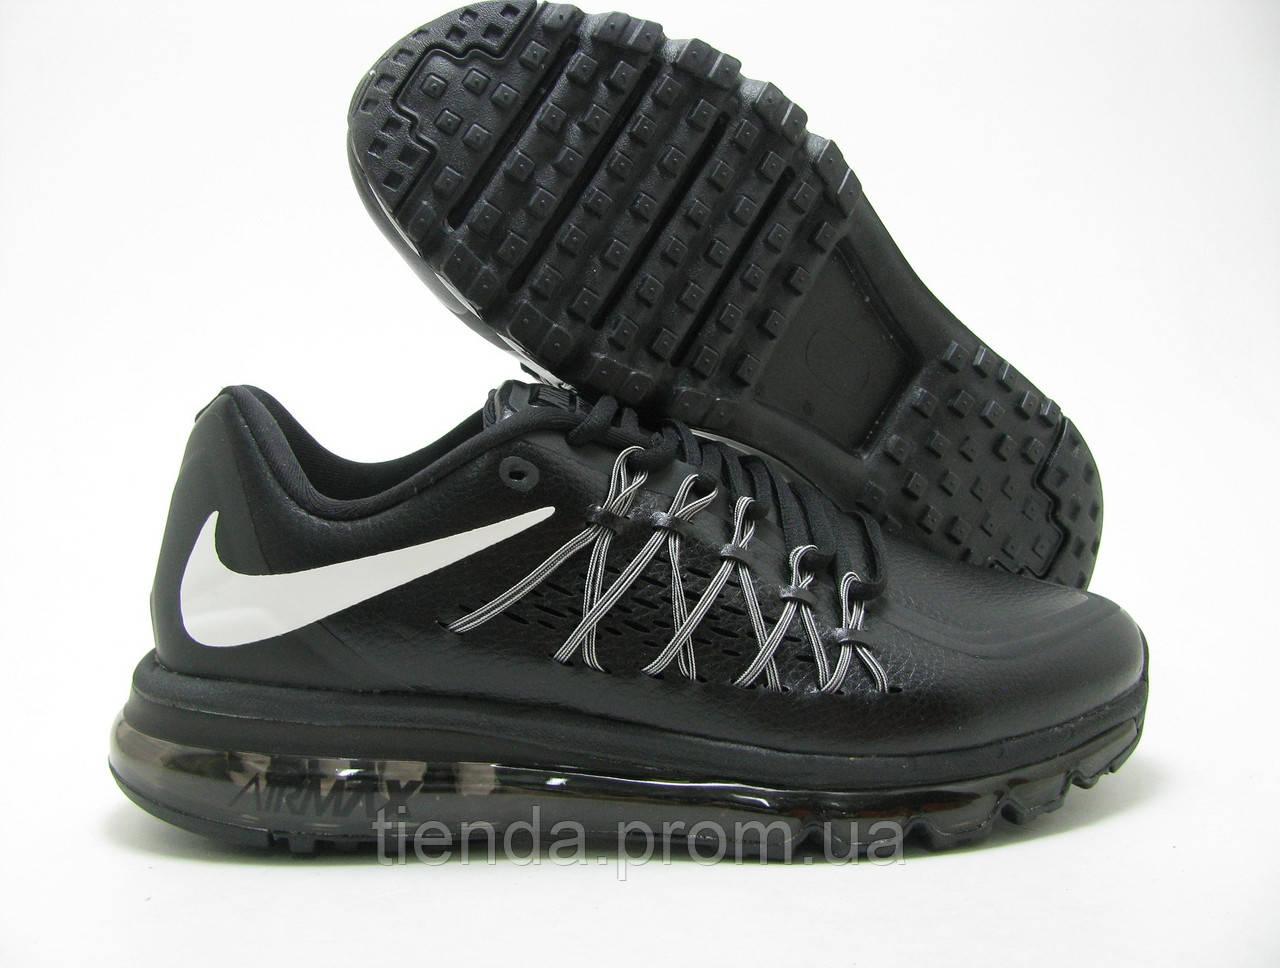 c2aa1677 Мужские кроссовки Nike Air Max 2015 черные / кожа / весна-осень ...